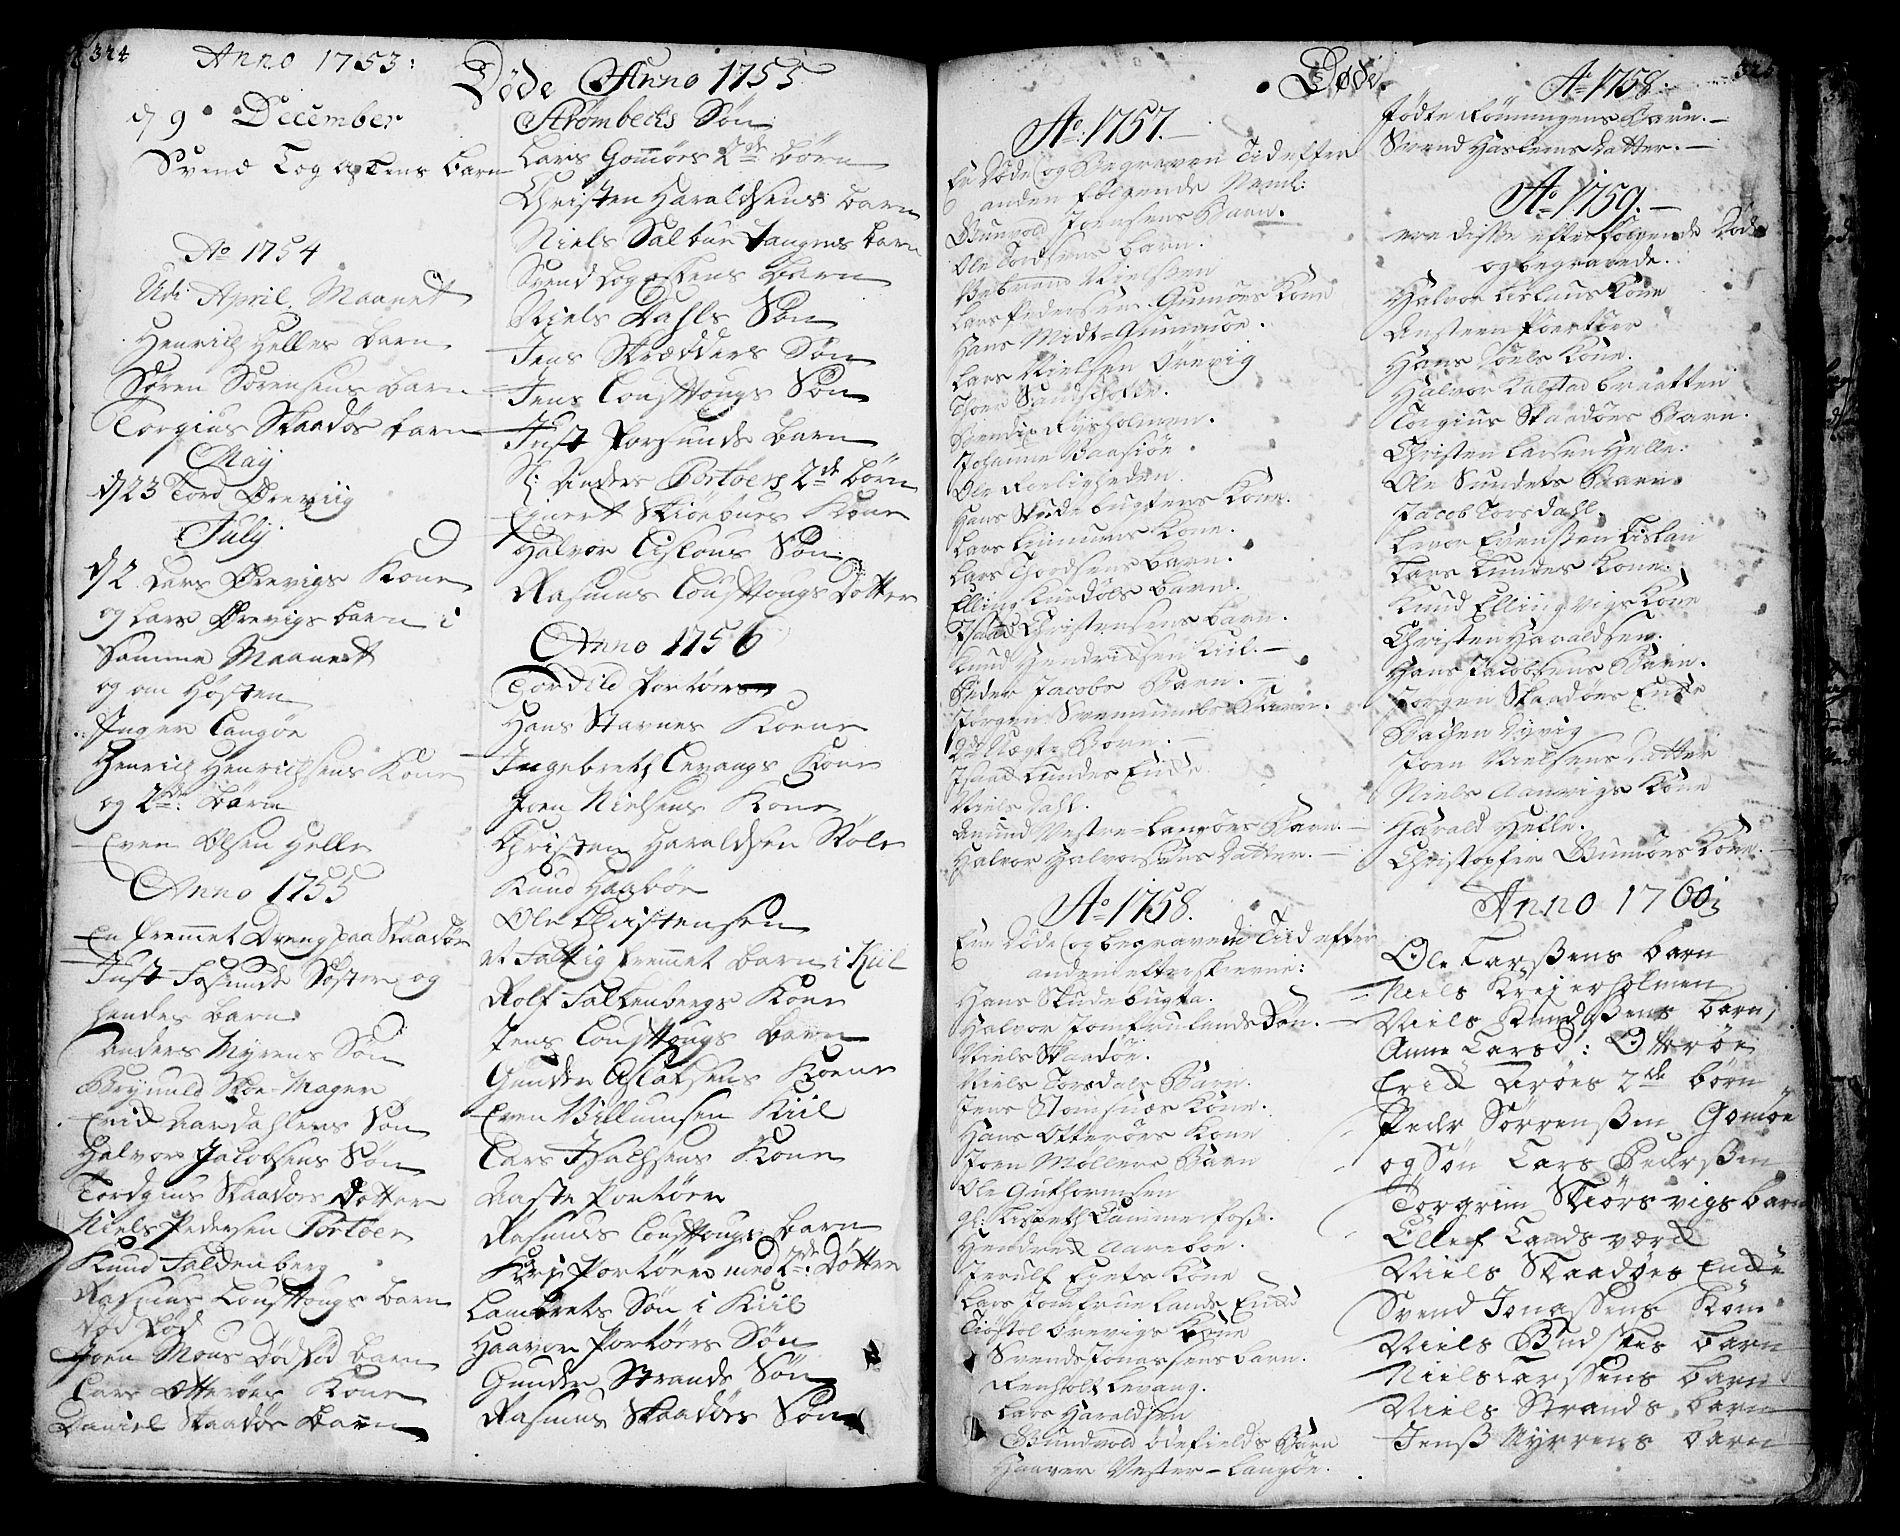 SAKO, Sannidal kirkebøker, F/Fa/L0001: Ministerialbok nr. 1, 1702-1766, s. 324-325